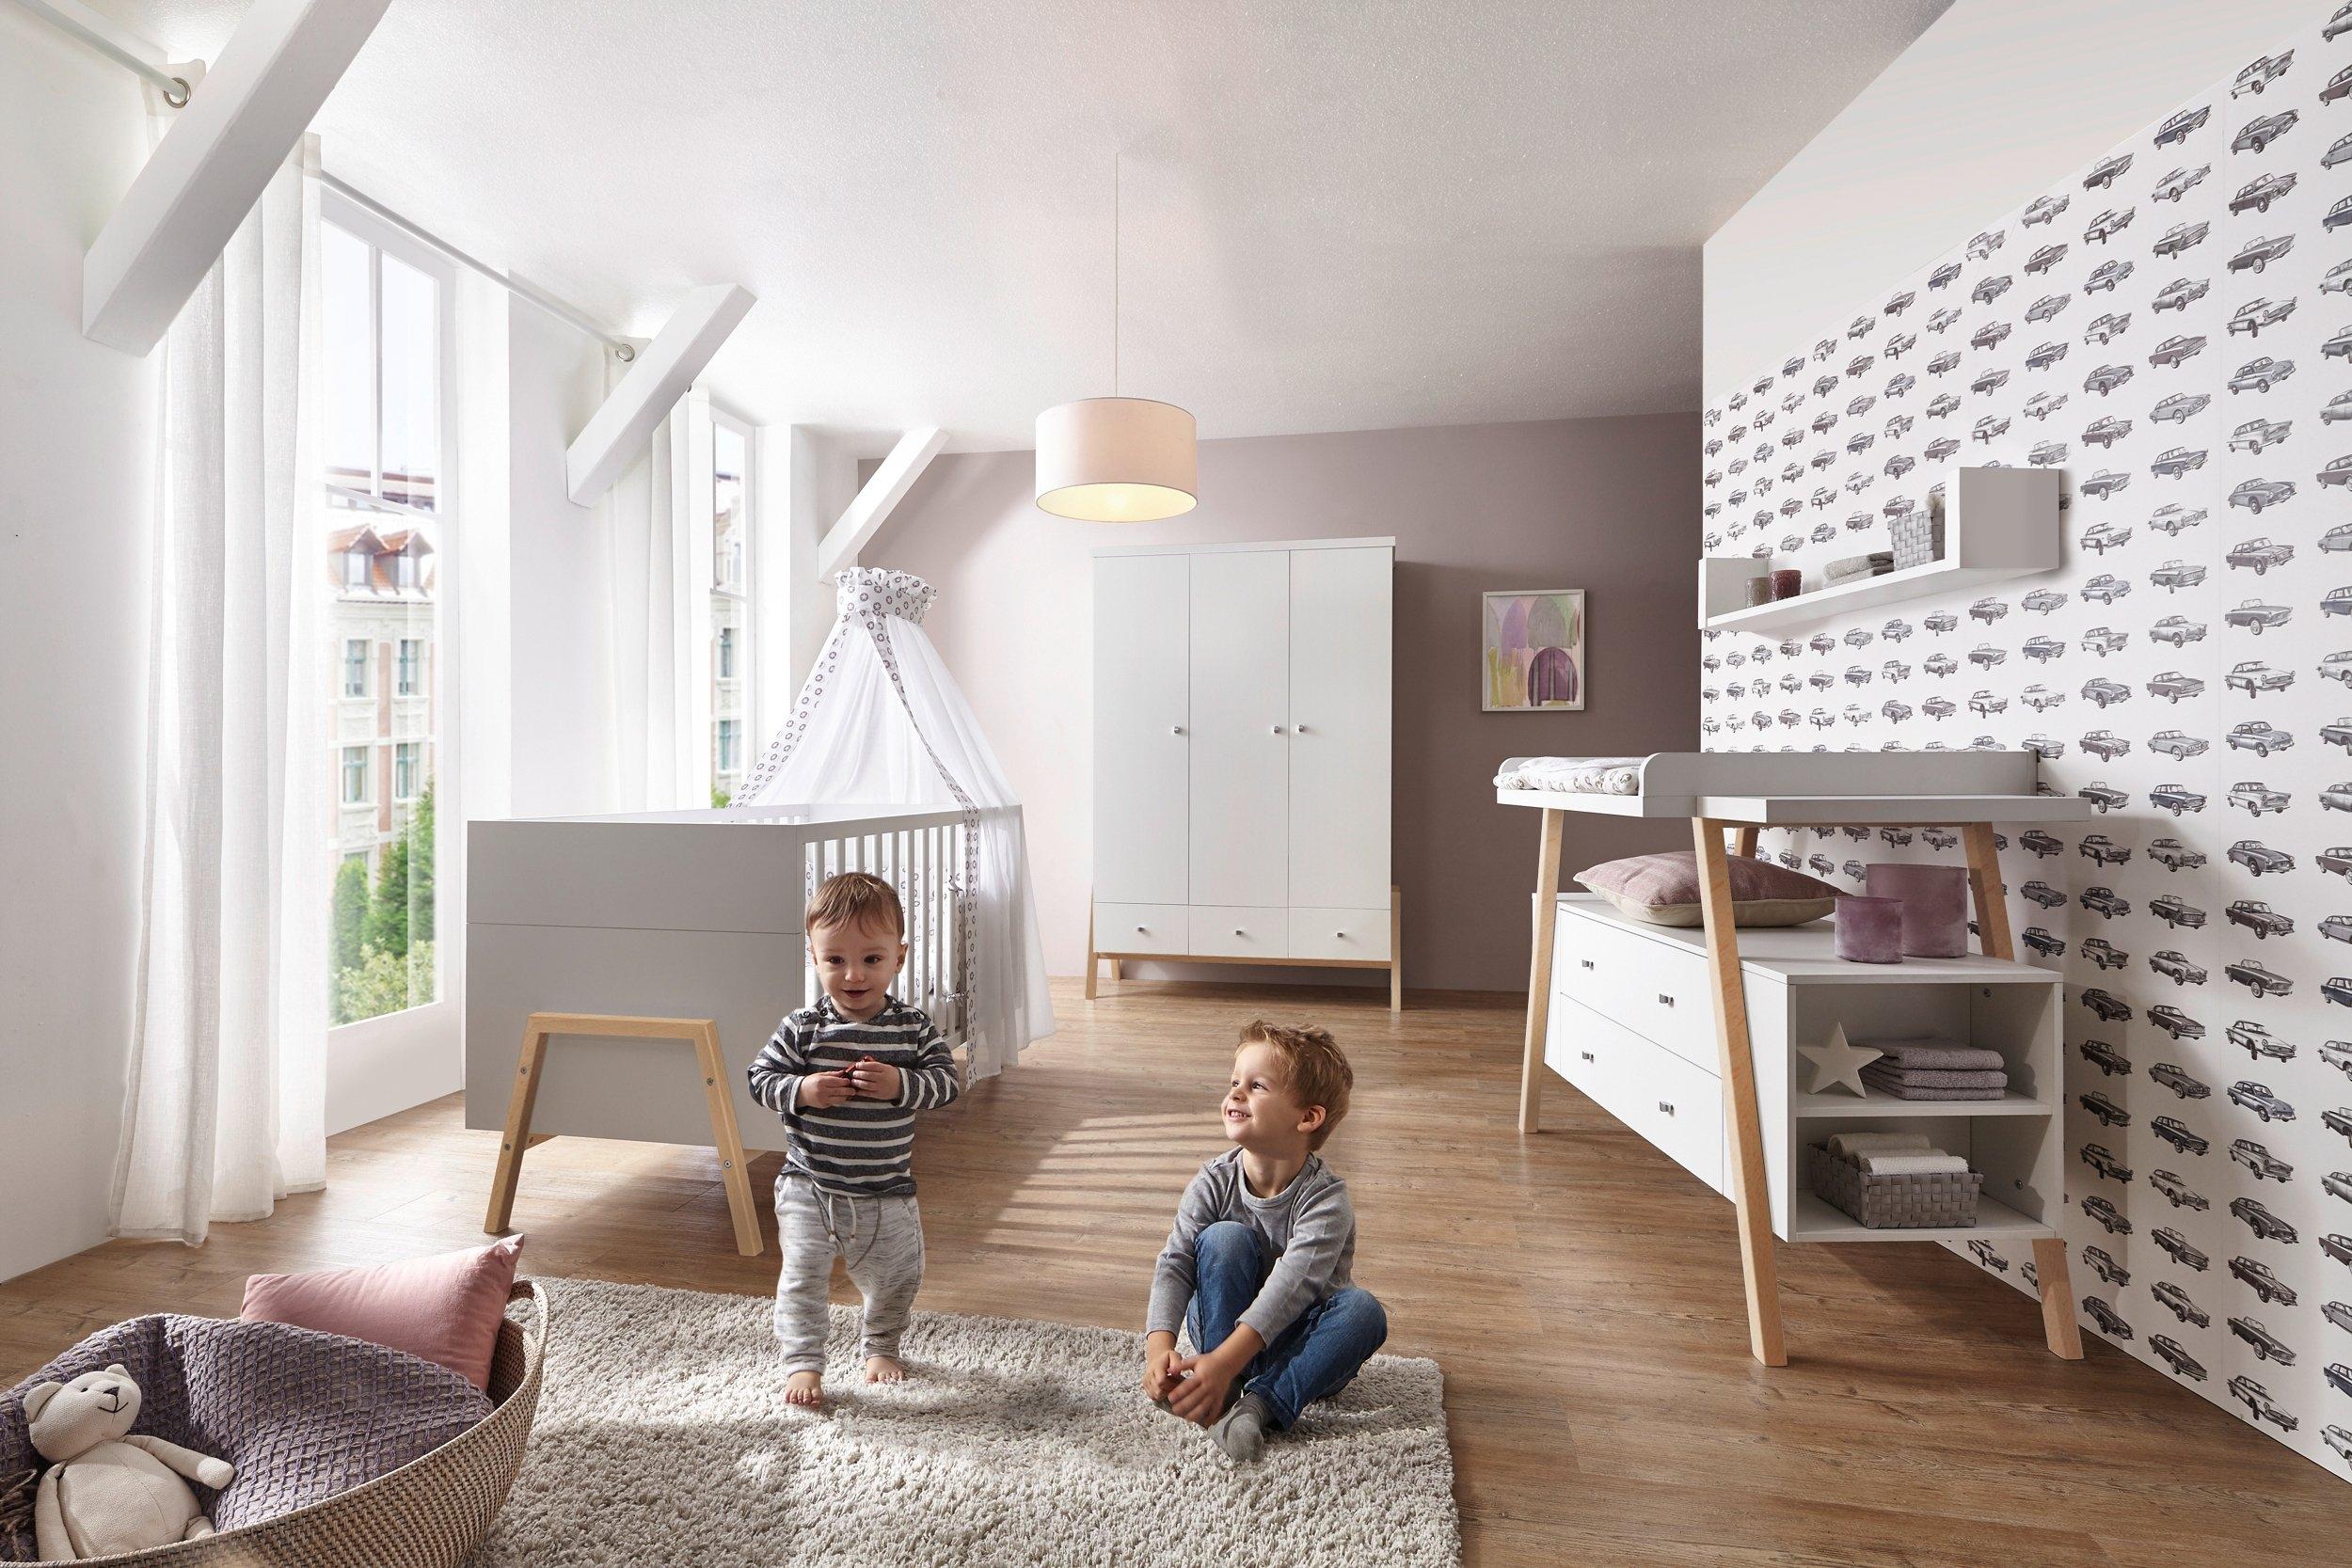 Schardt complete babykamerset Holly Nature Made in Germany; met kinderbed, kast en commode (set, 3 stuks) online kopen op otto.nl